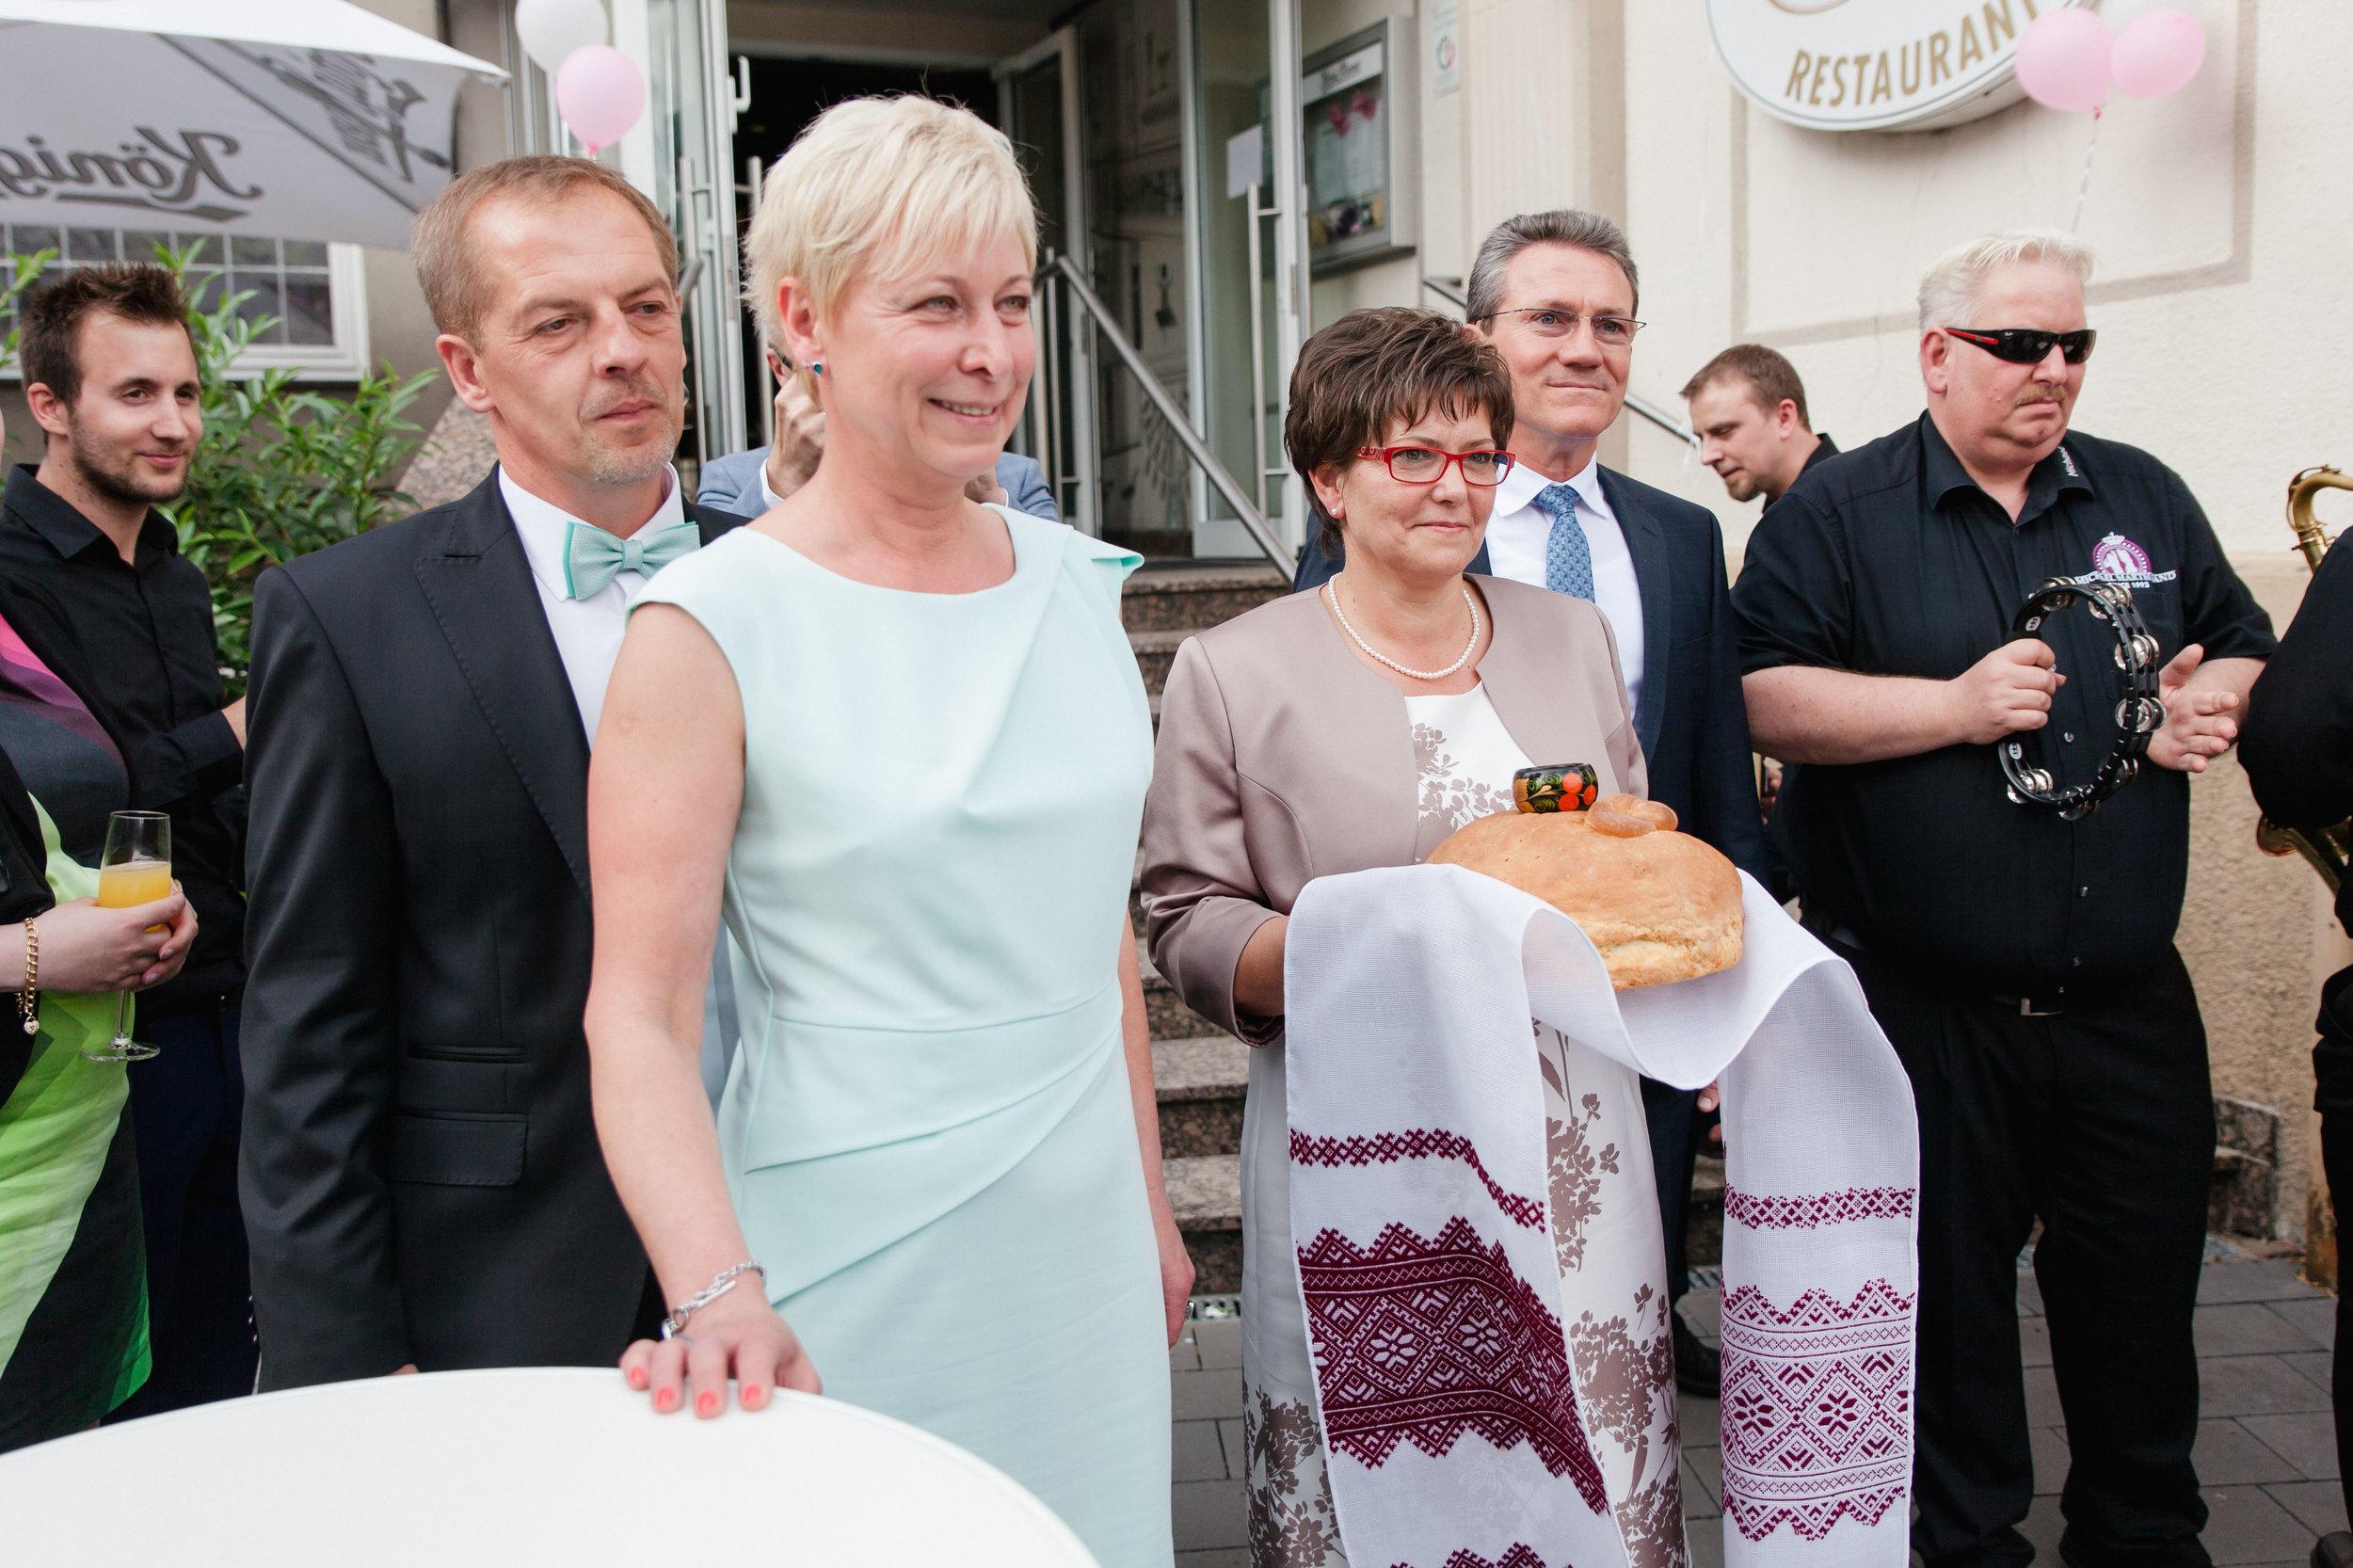 Hochzeit_495.jpg